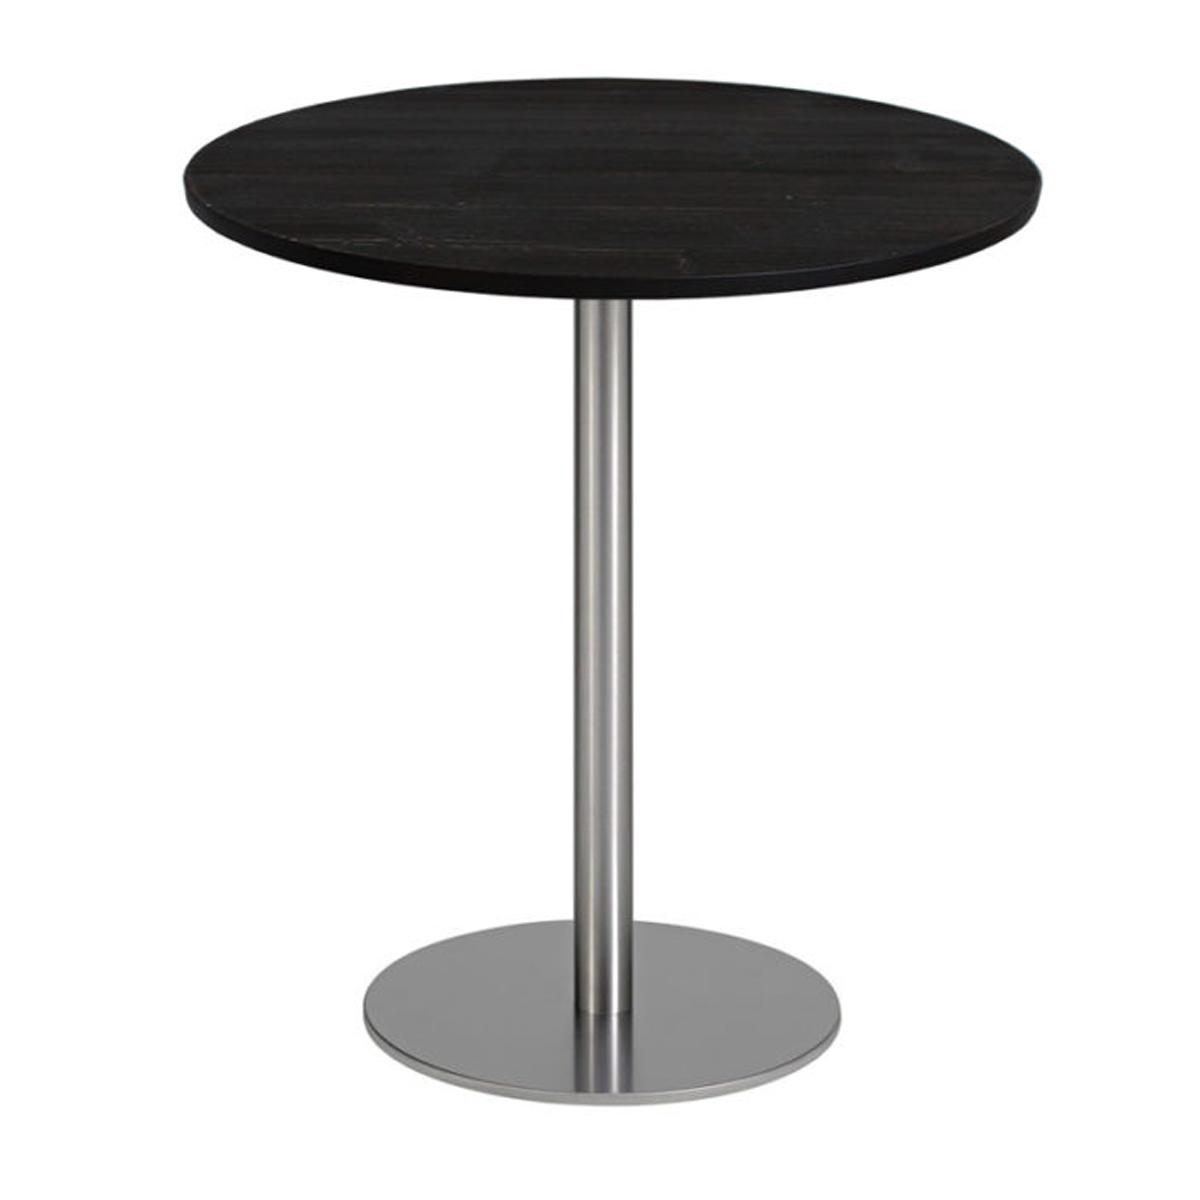 Piano tavolo tondo in laminato • Nero • Ø59cm • Spessore 1cm • EdO